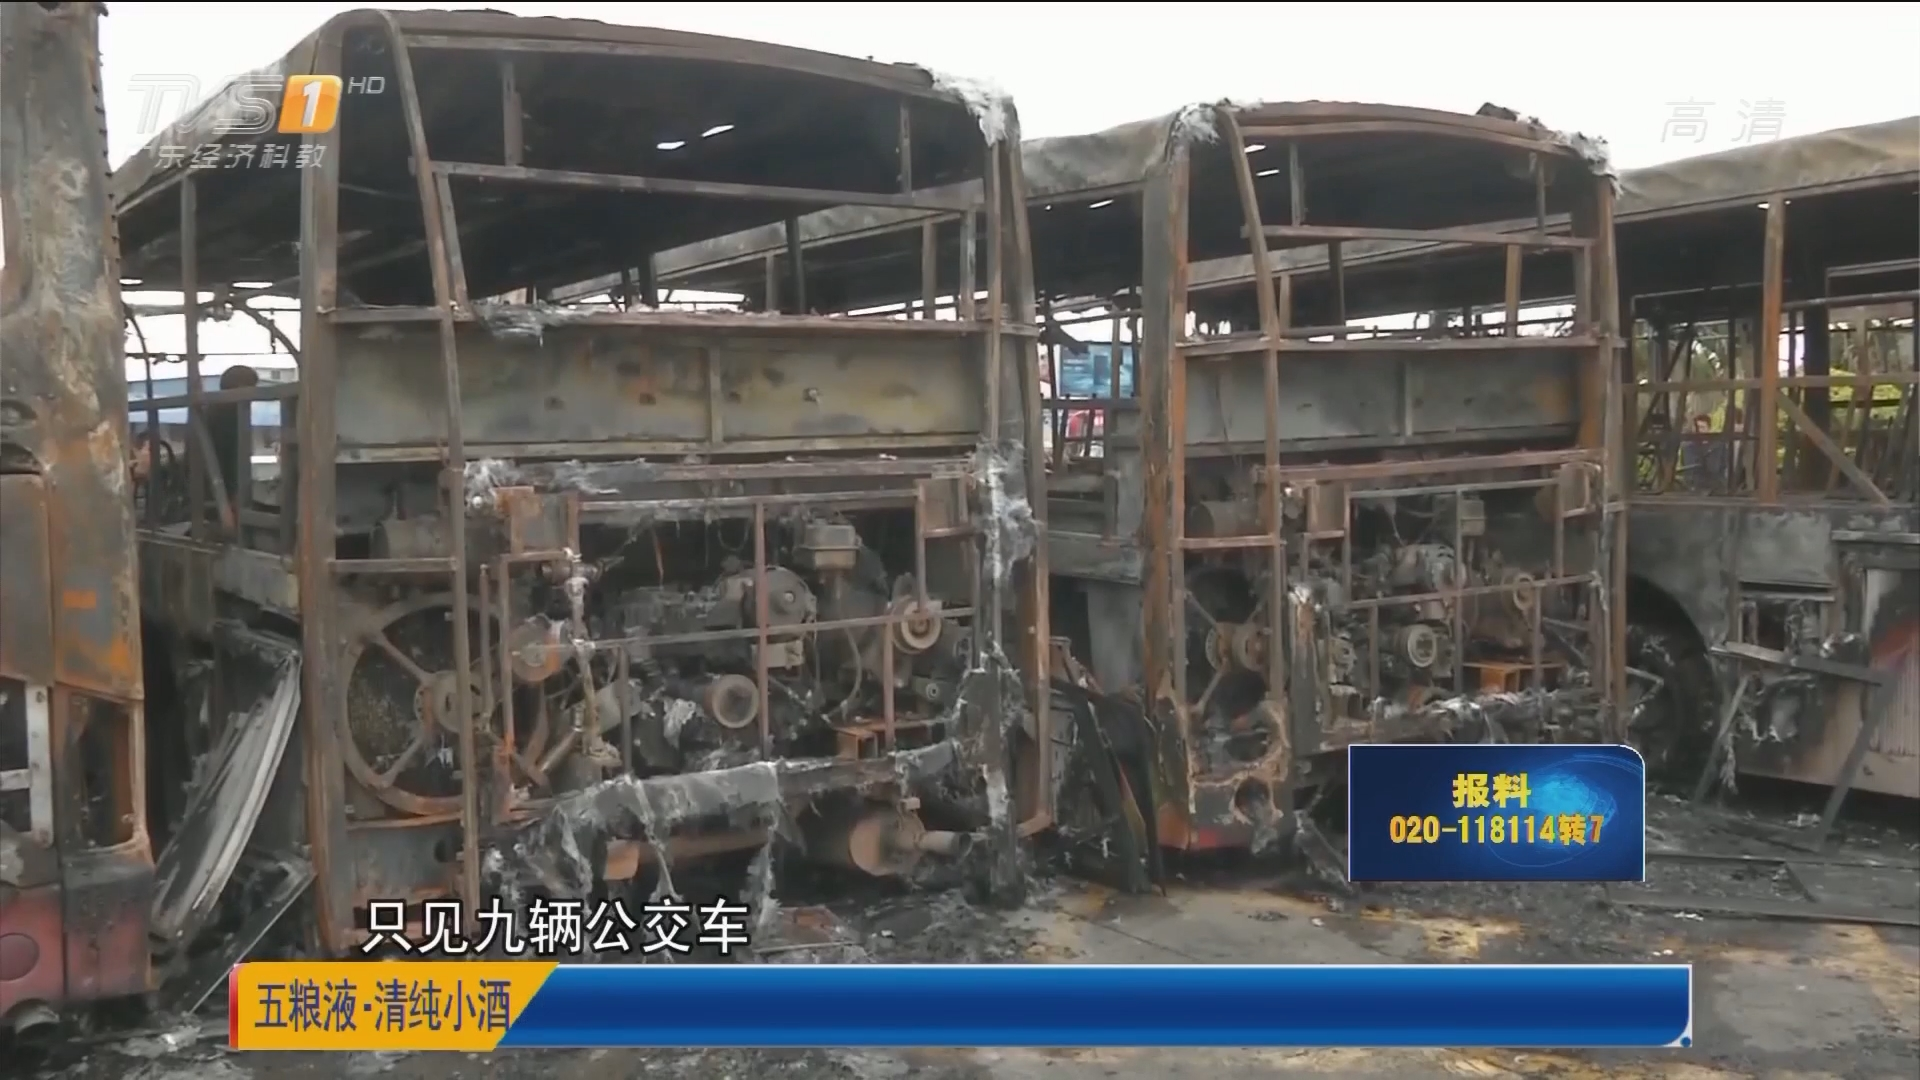 揭阳:凌晨诡异大火 9辆公交被烧毁